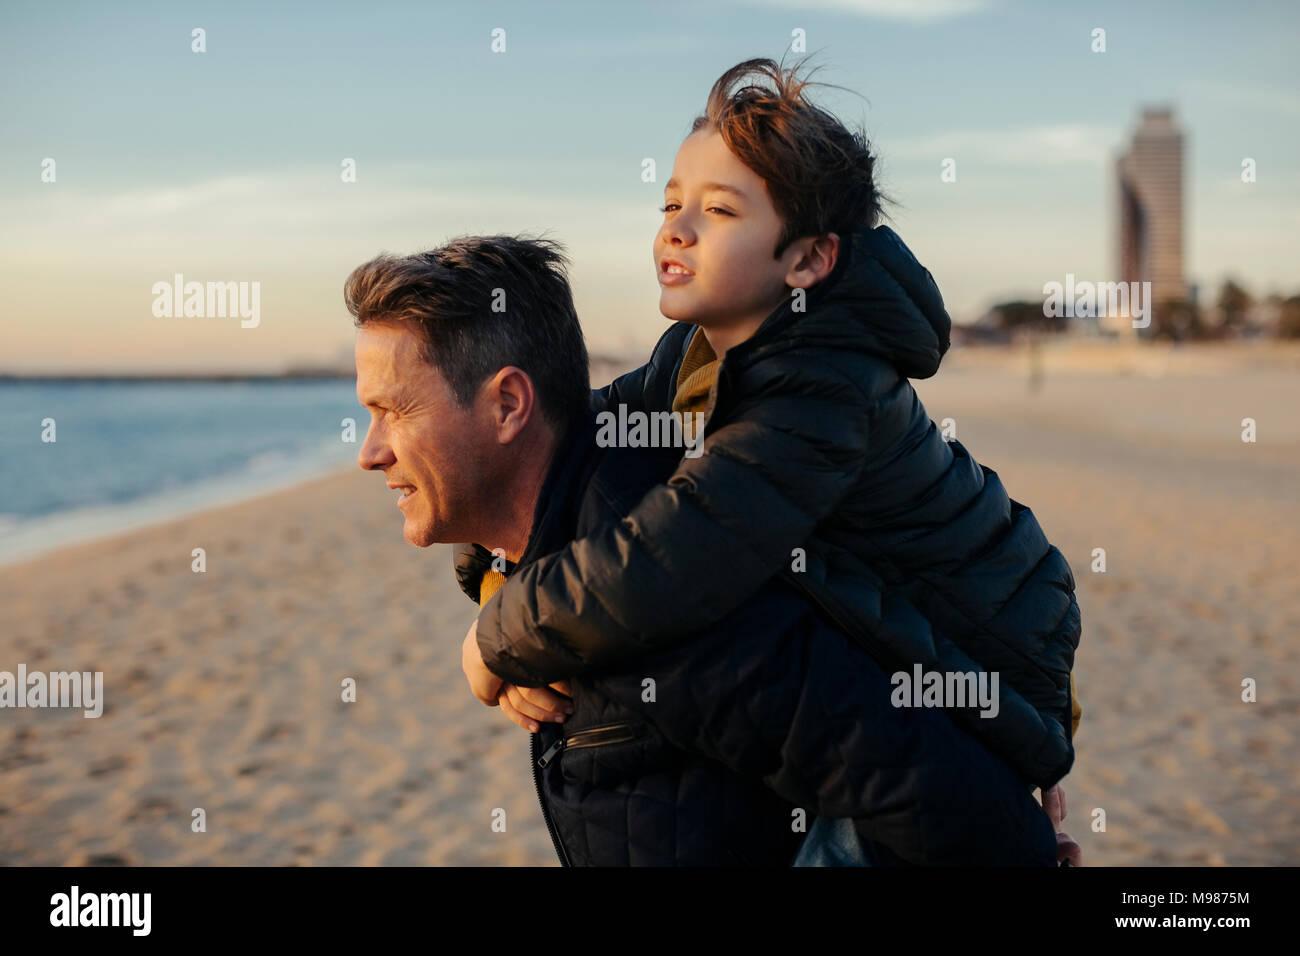 Vater mit Sohn Huckepack am Strand Stockbild